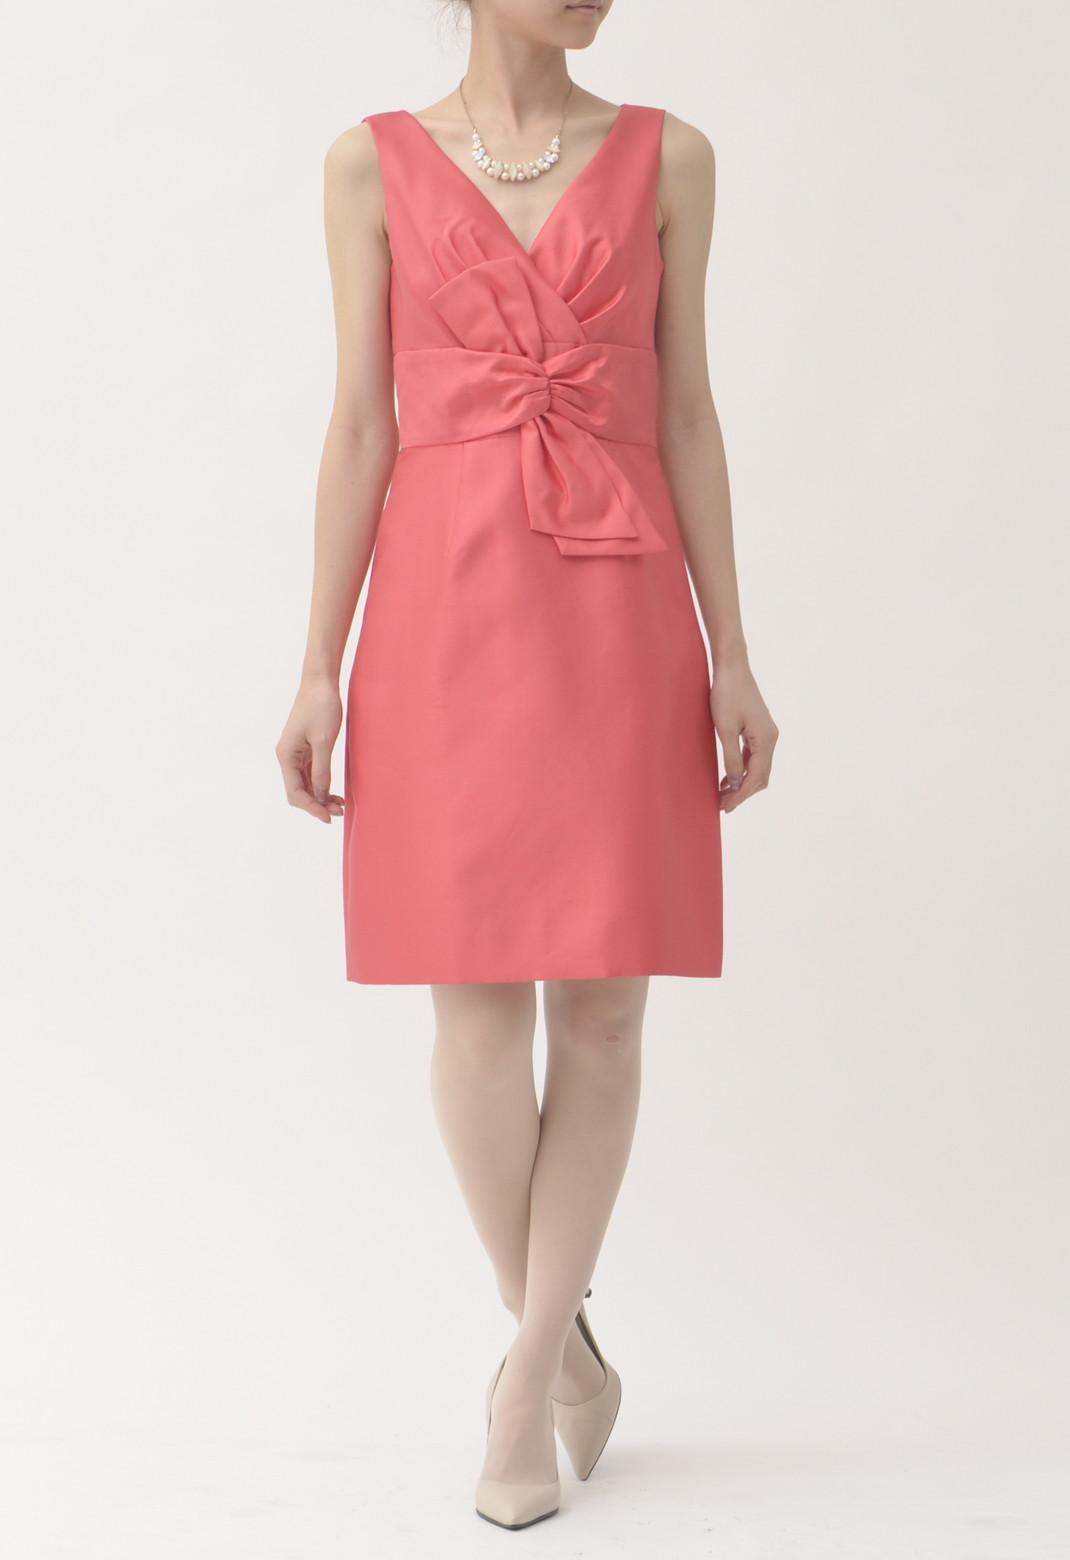 ケイトスペード Vネック フロントリボン飾り シルク混 ノースリーブ ドレス 米6